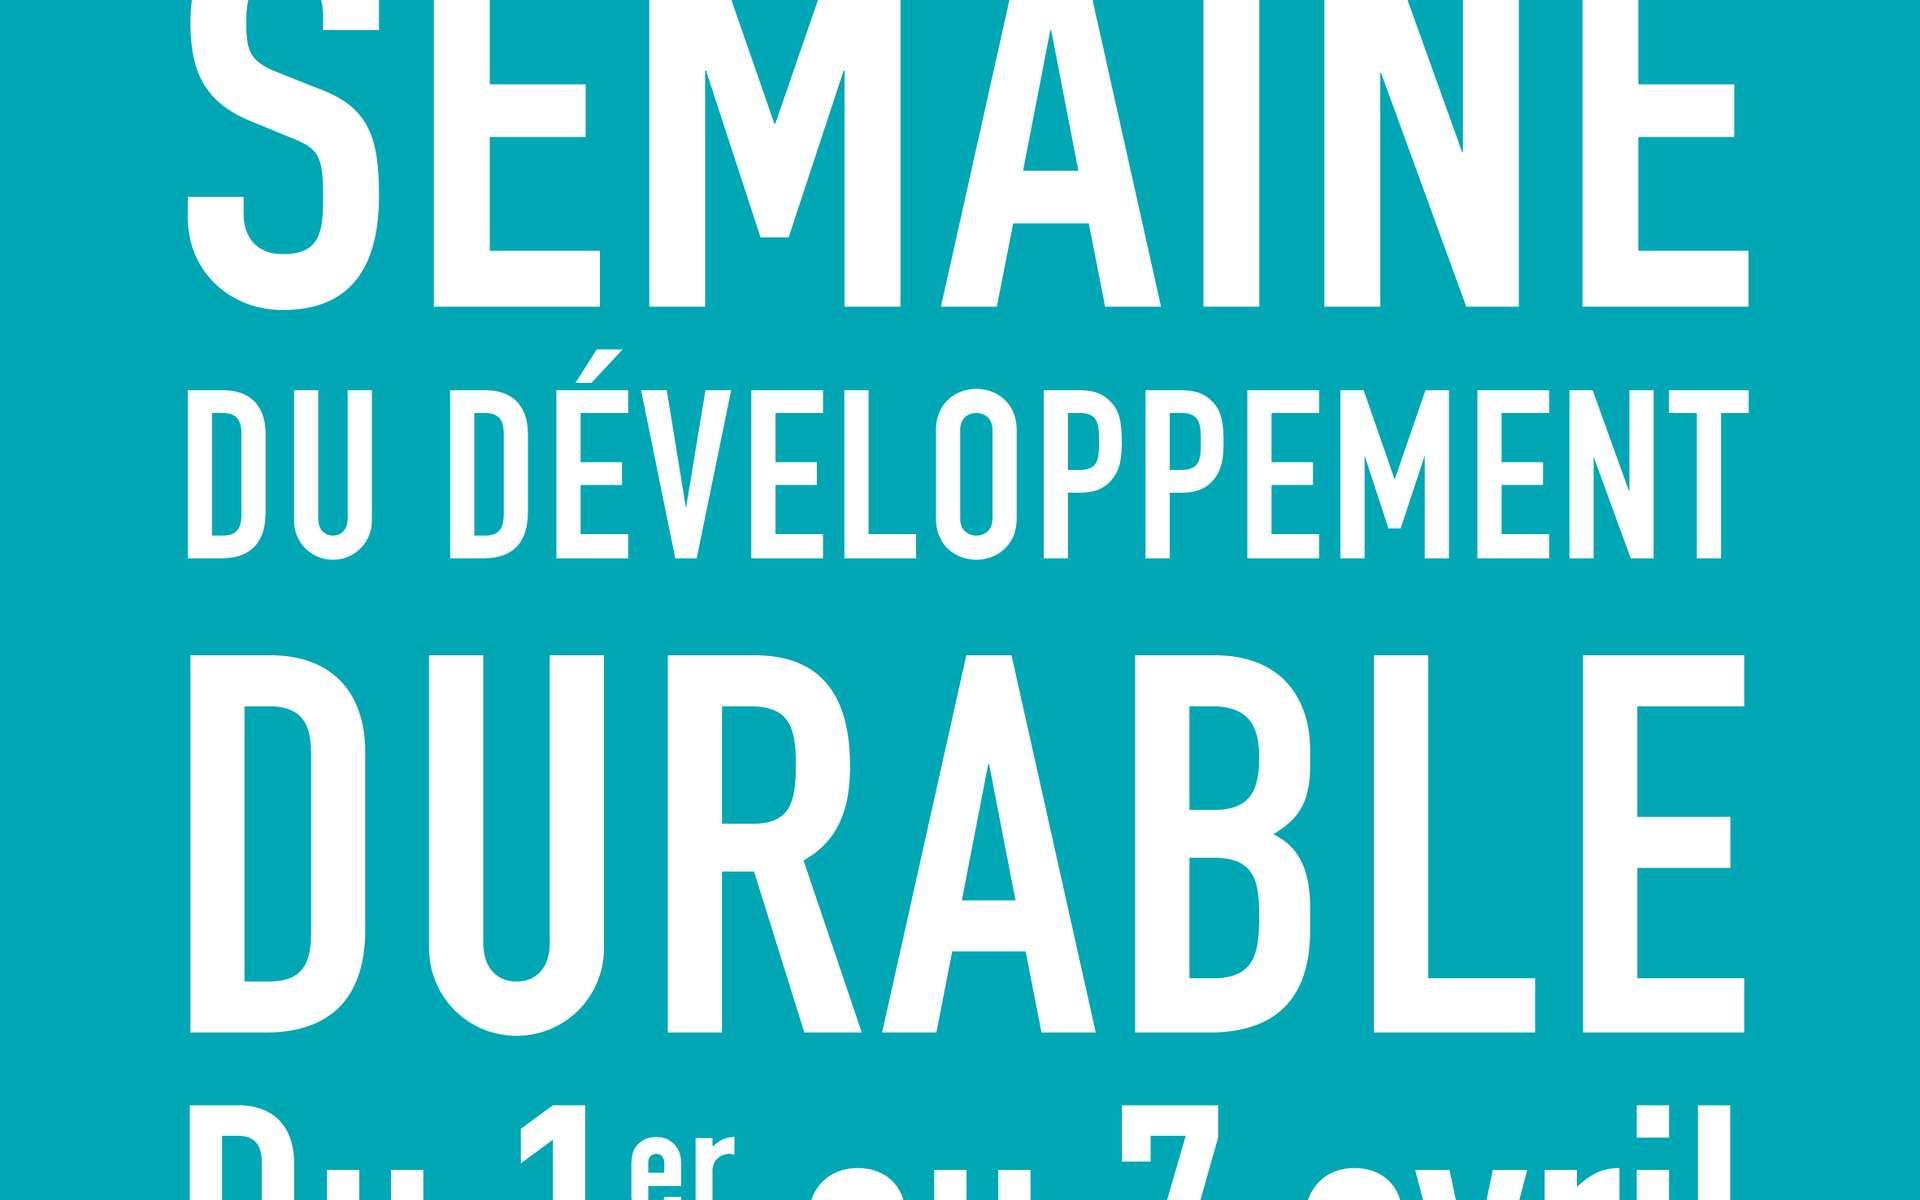 La Semaine du développement durable est une habitude prise depuis 2003 afin de sensibiliser les Français aux bons réflexes à adopter. © 2014 Ministère de l'Écologie, du développement durable et de l'Énergie